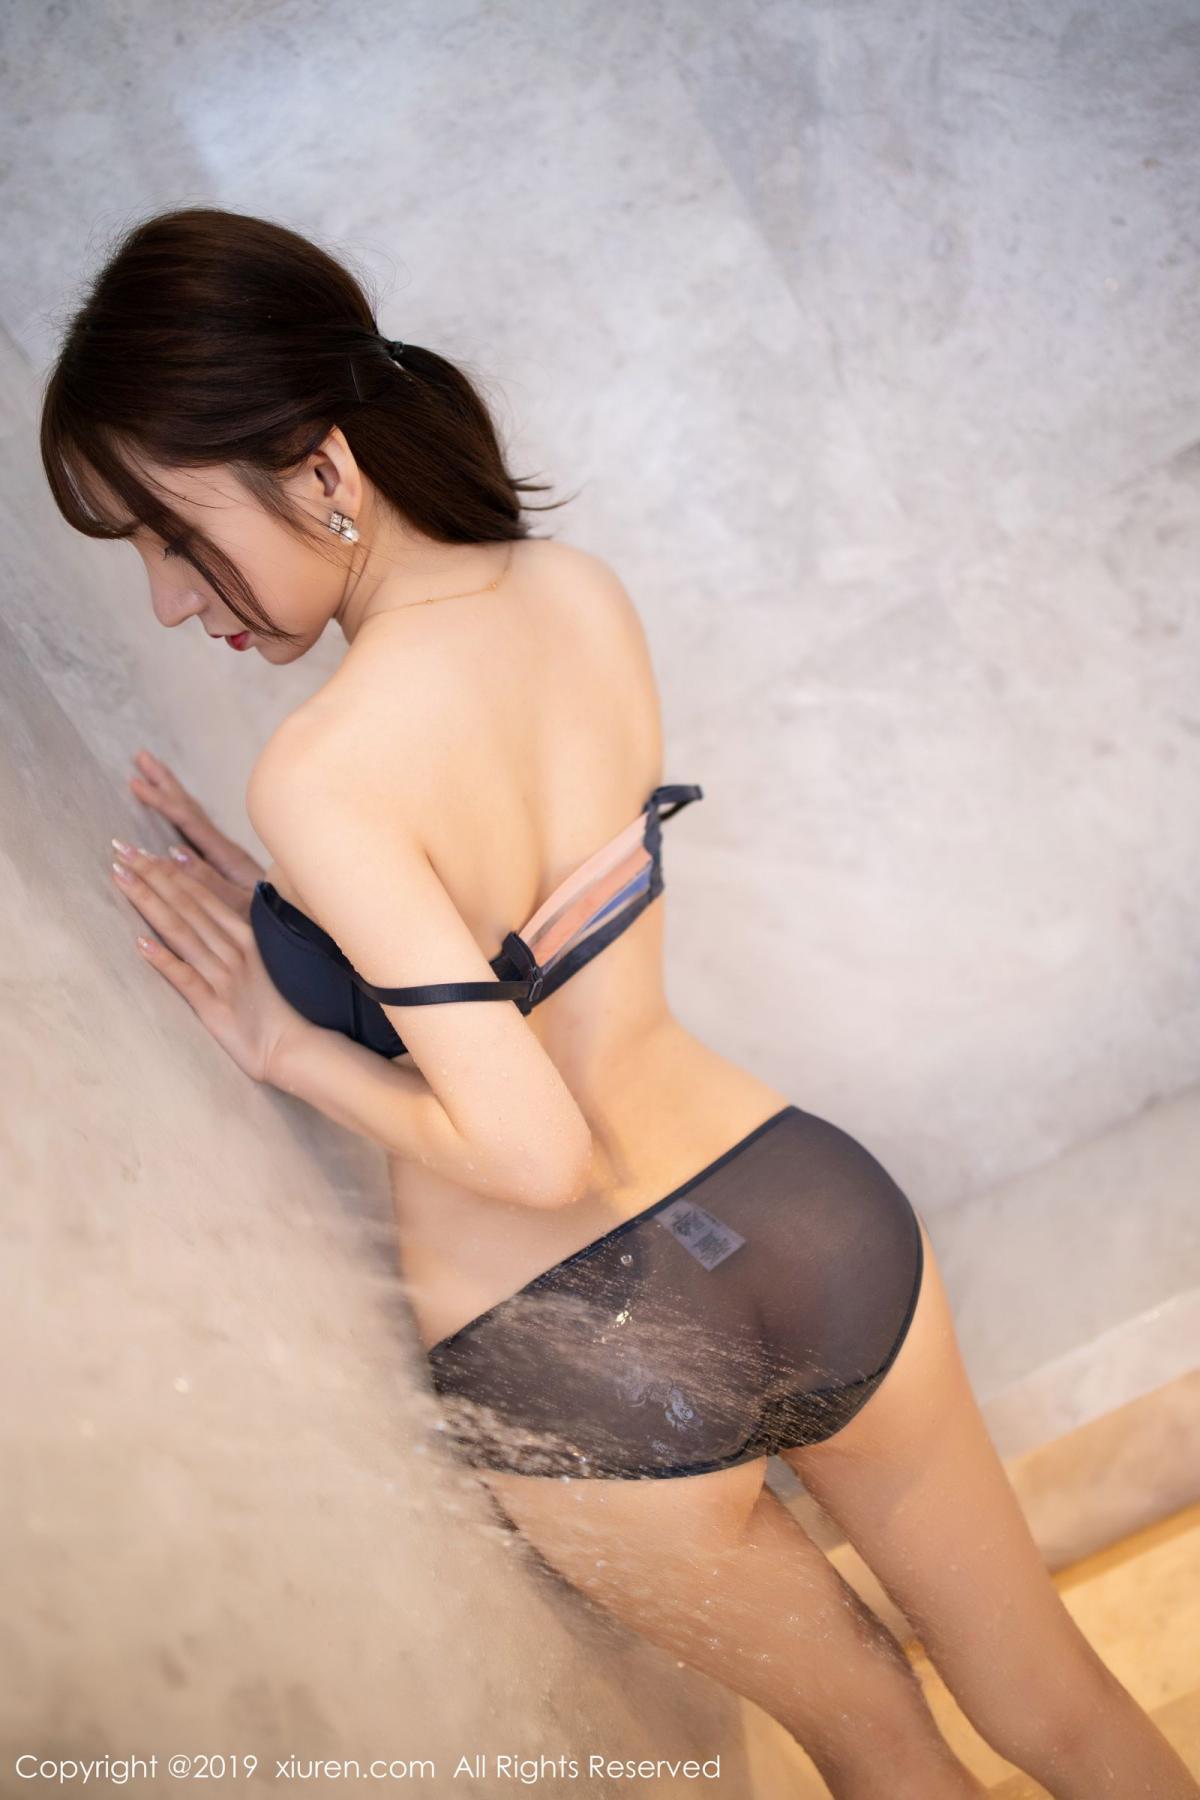 [XiuRen] Vol.1703 Zhou Yu Xi 66P, Bathroom, Wet, Xiuren, Zhou Yu Xi